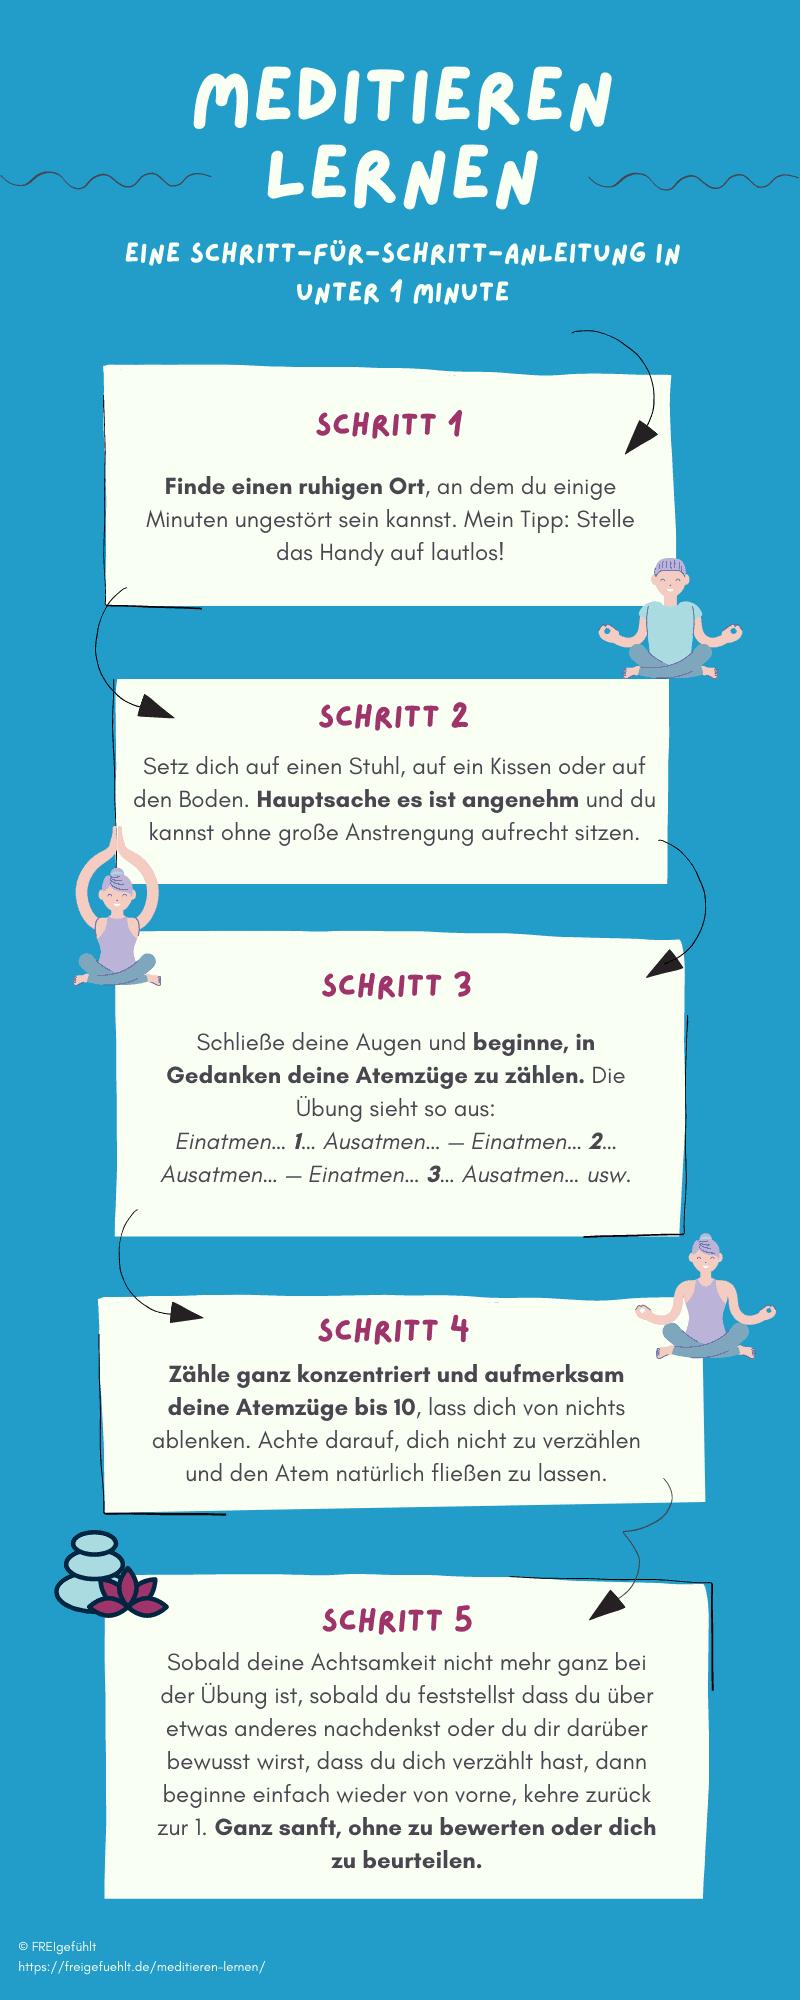 Infografik: Meditieren lernen, Anleitung